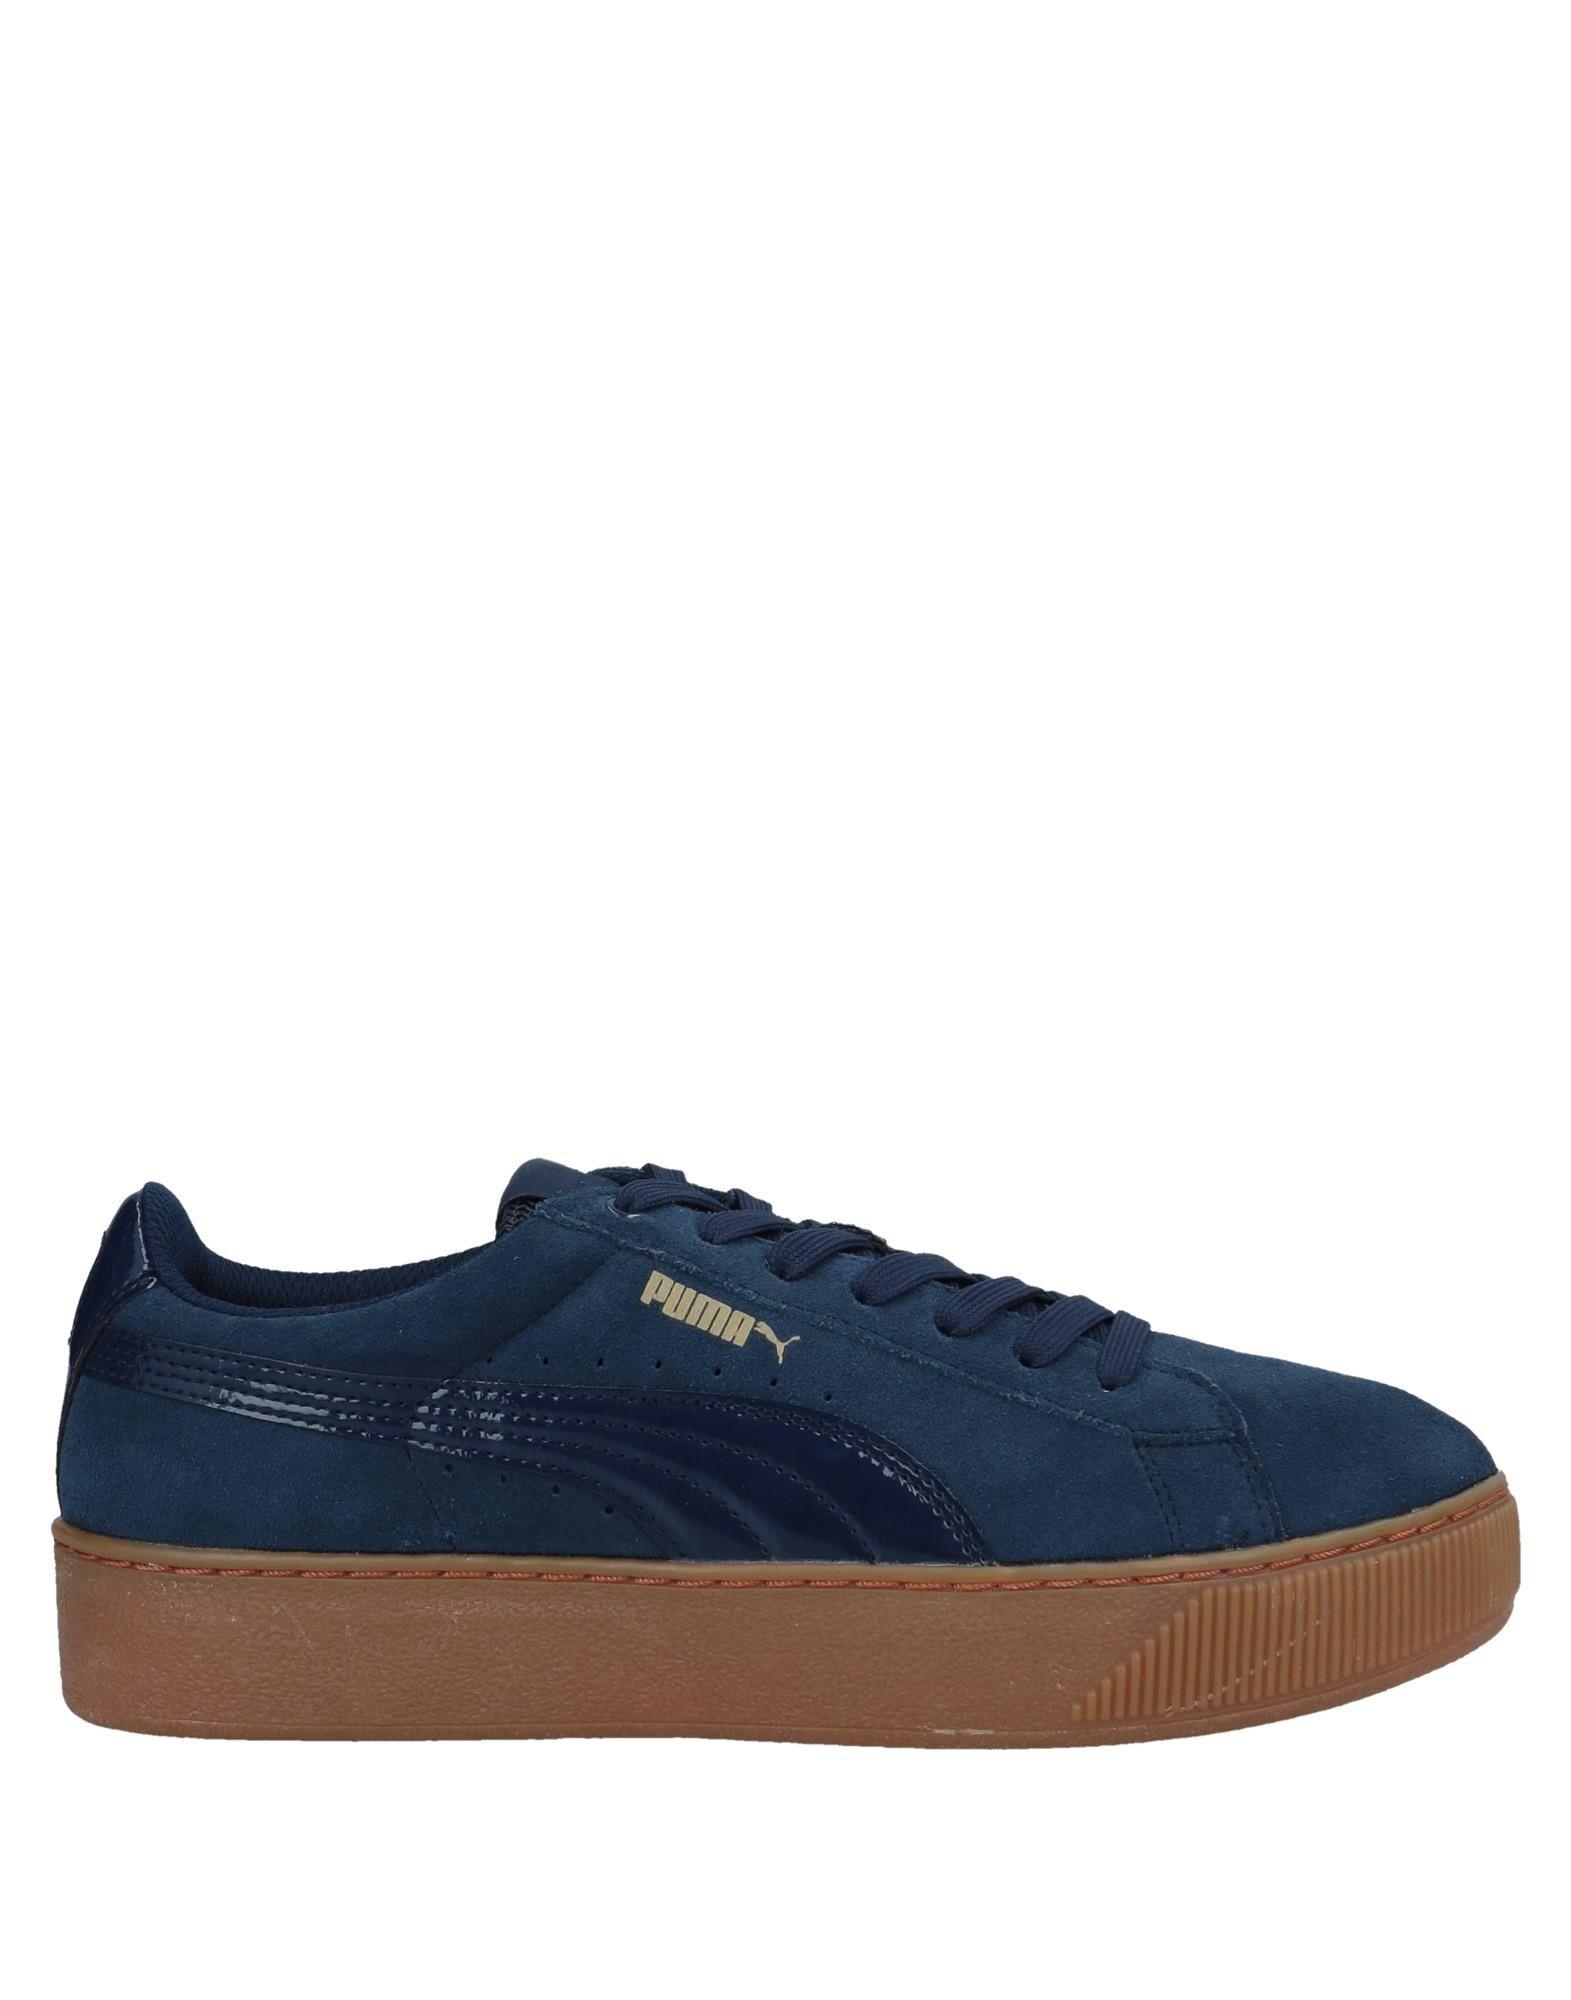 Puma Sneakers Damen  11548202UX Gute Qualität beliebte Schuhe